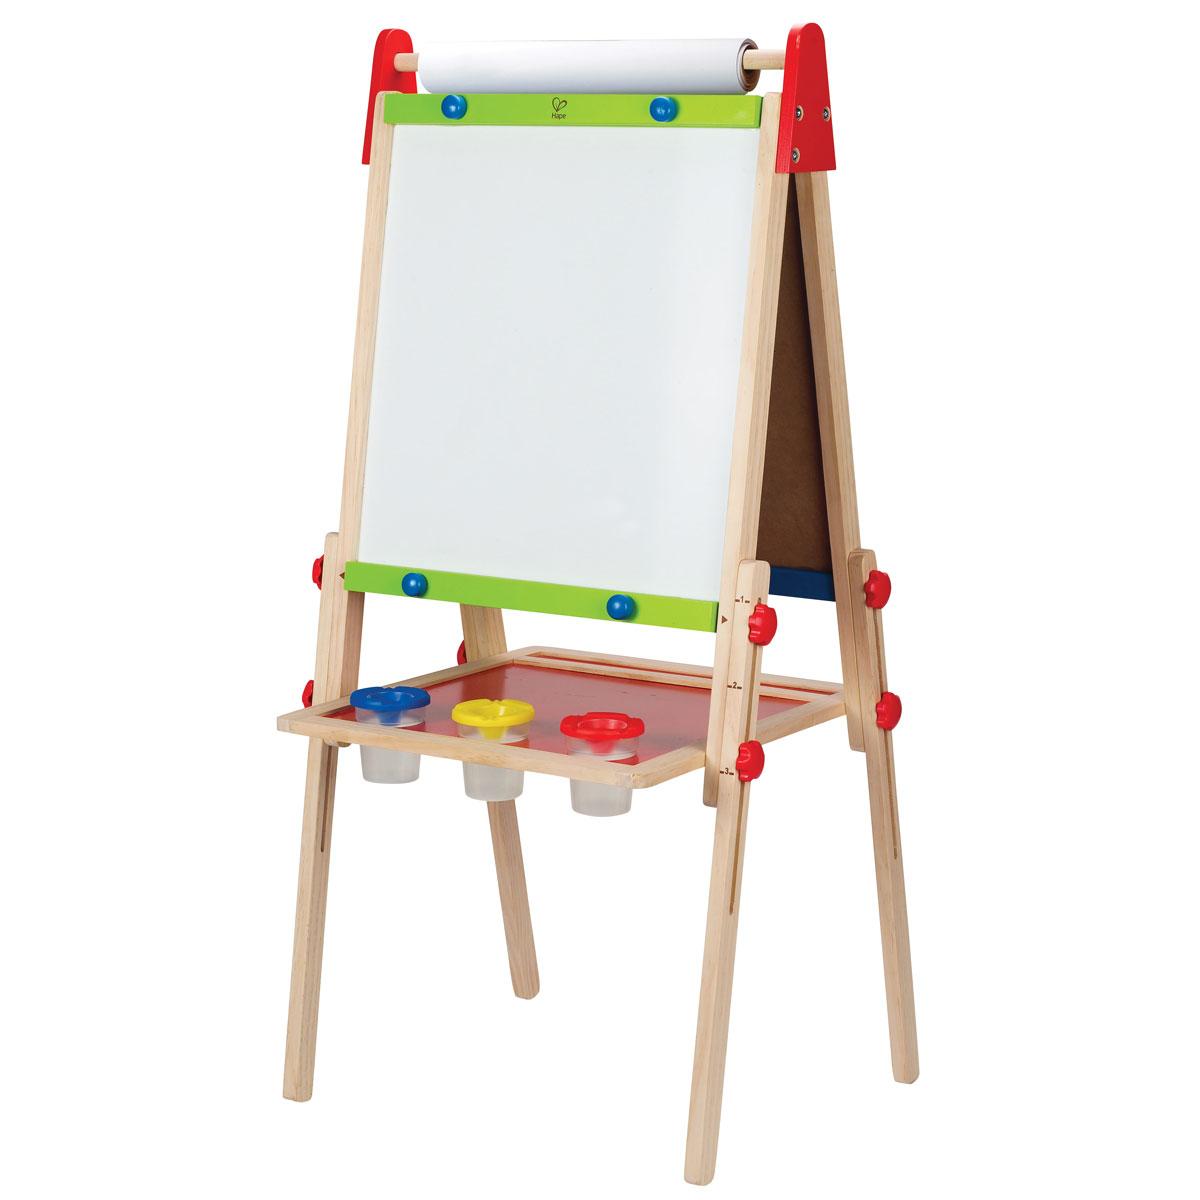 gamgb - gro?e tafel kinderzimmer ~ design tafel voor uw huis